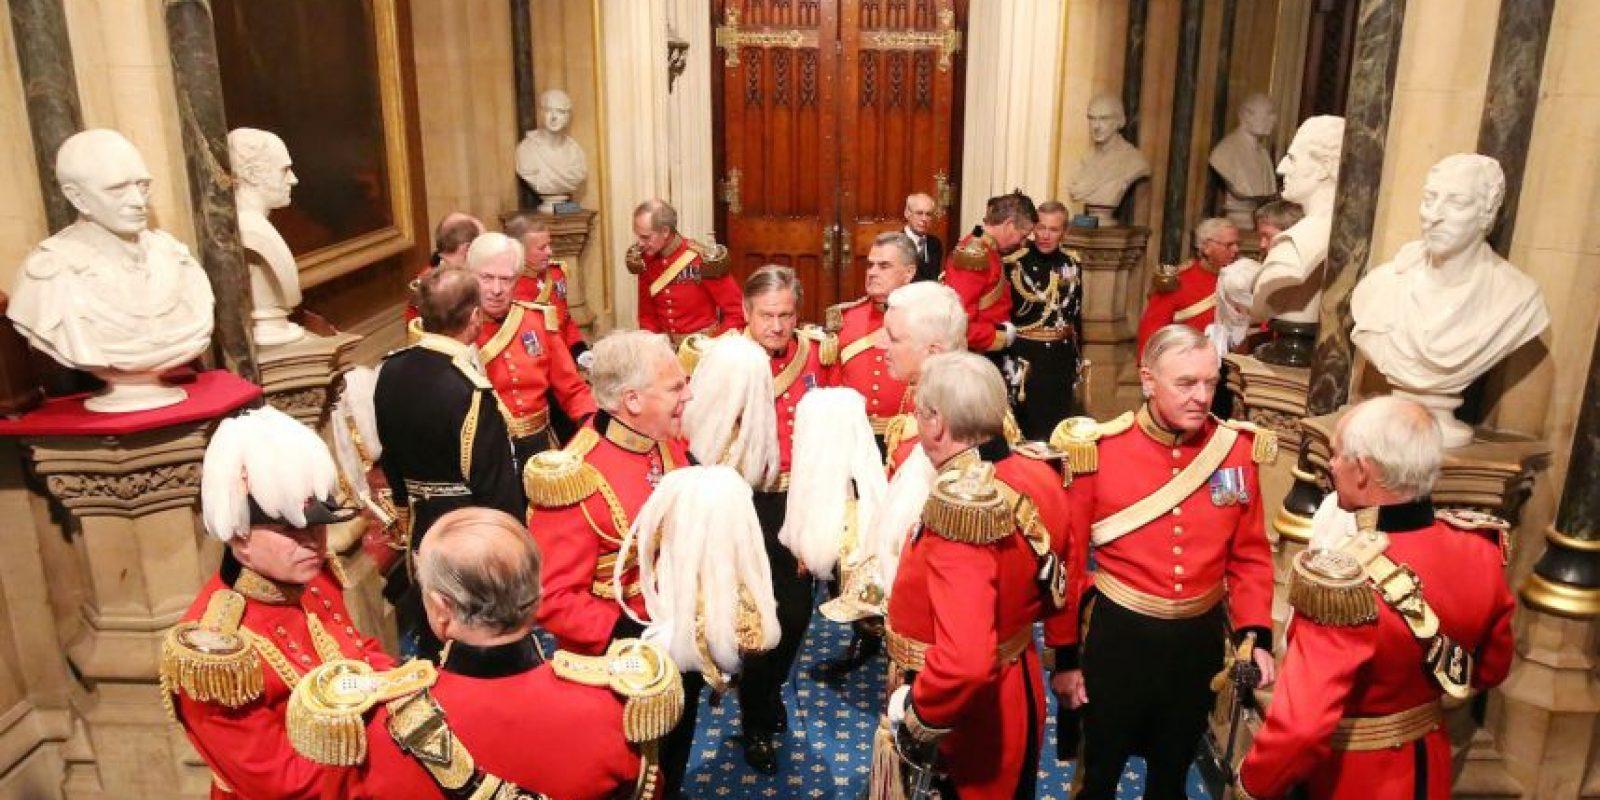 La tradición data desde 1536. Foto:Getty Images